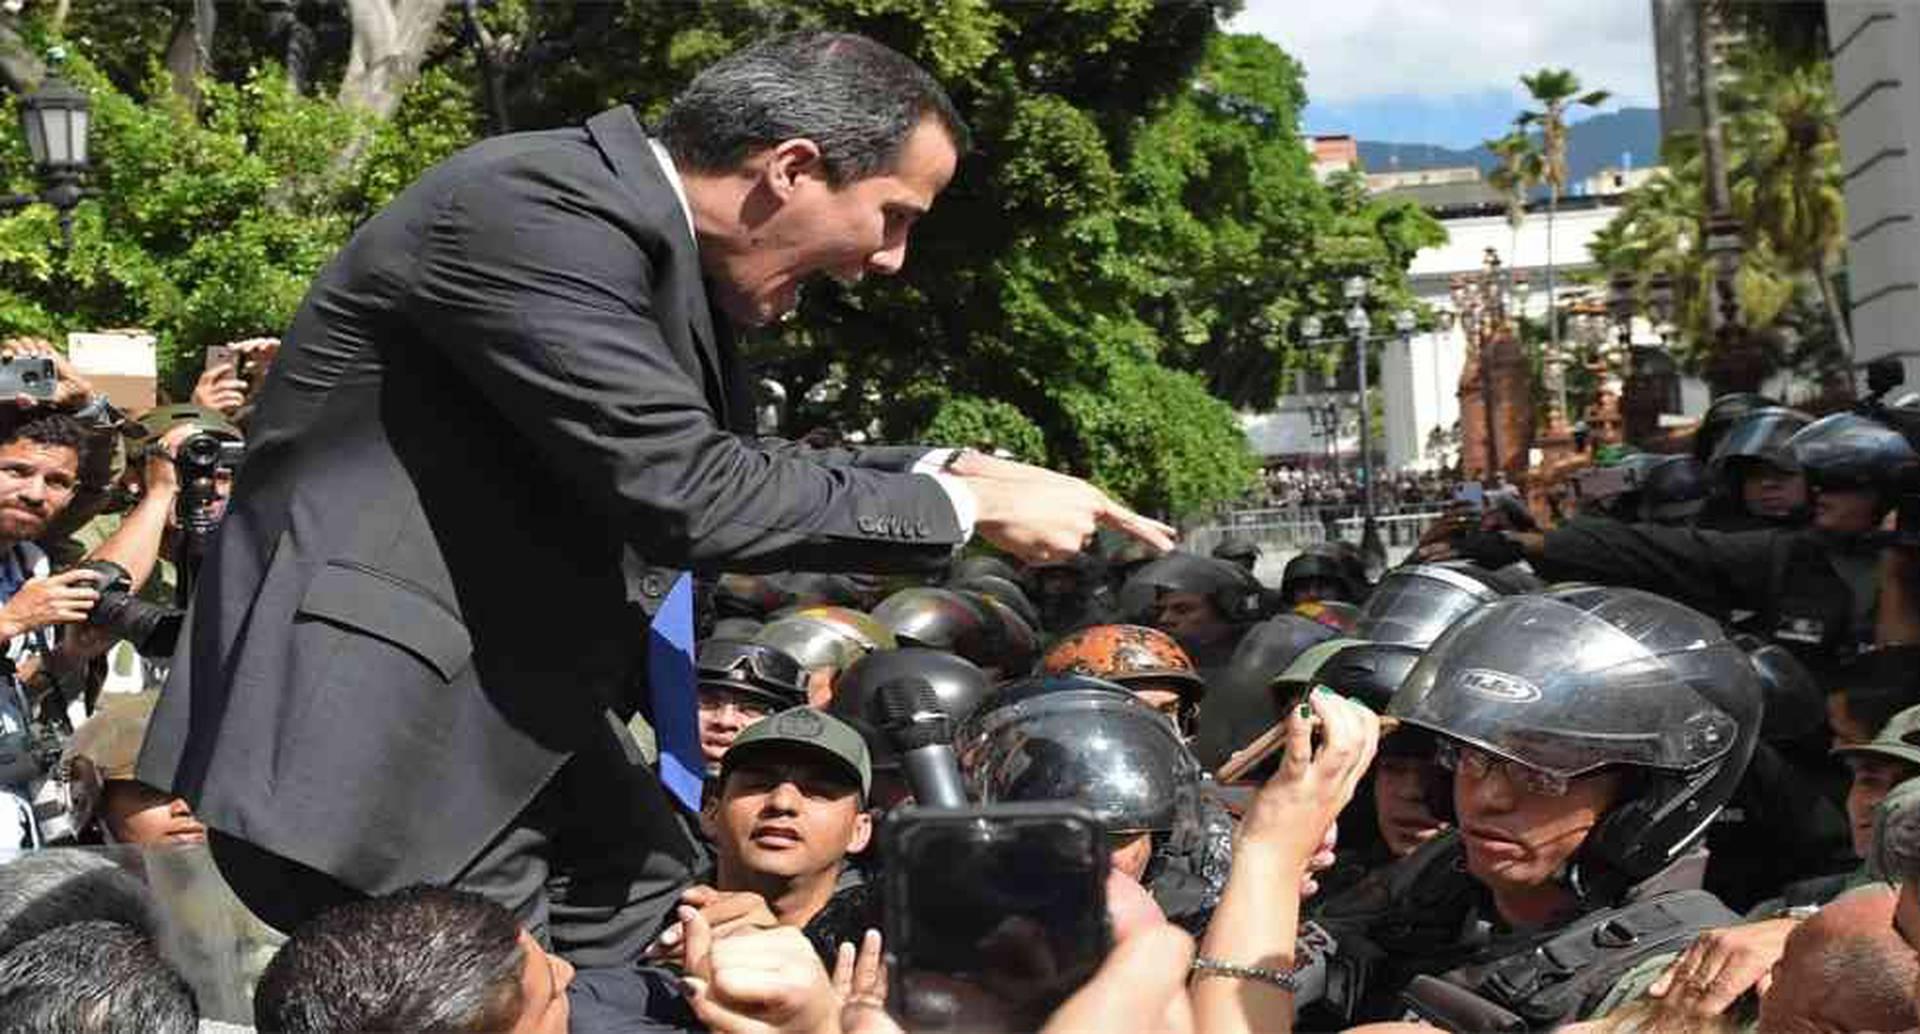 En Venezuela, se trató de impedir la reelección de Juan Guaidó como presidente de la Asamblea Nacional. Esto, a manos de diputados chavistas y desertores de la oposición. En medio del caos, juramentaron a Luis Parra como presidente del cuerpo legislativo sin quorum. Aquí, el líder de la oposición venezolana y autoproclamado presidente interino Juan Guaidó enfrenta a los miembros de la Guardia Nacional Bolivariana a su llegada a la Asamblea Nacional, en Caracas, el 7 de enero de 2020. Foto: Cristian Hernandez / AFP.